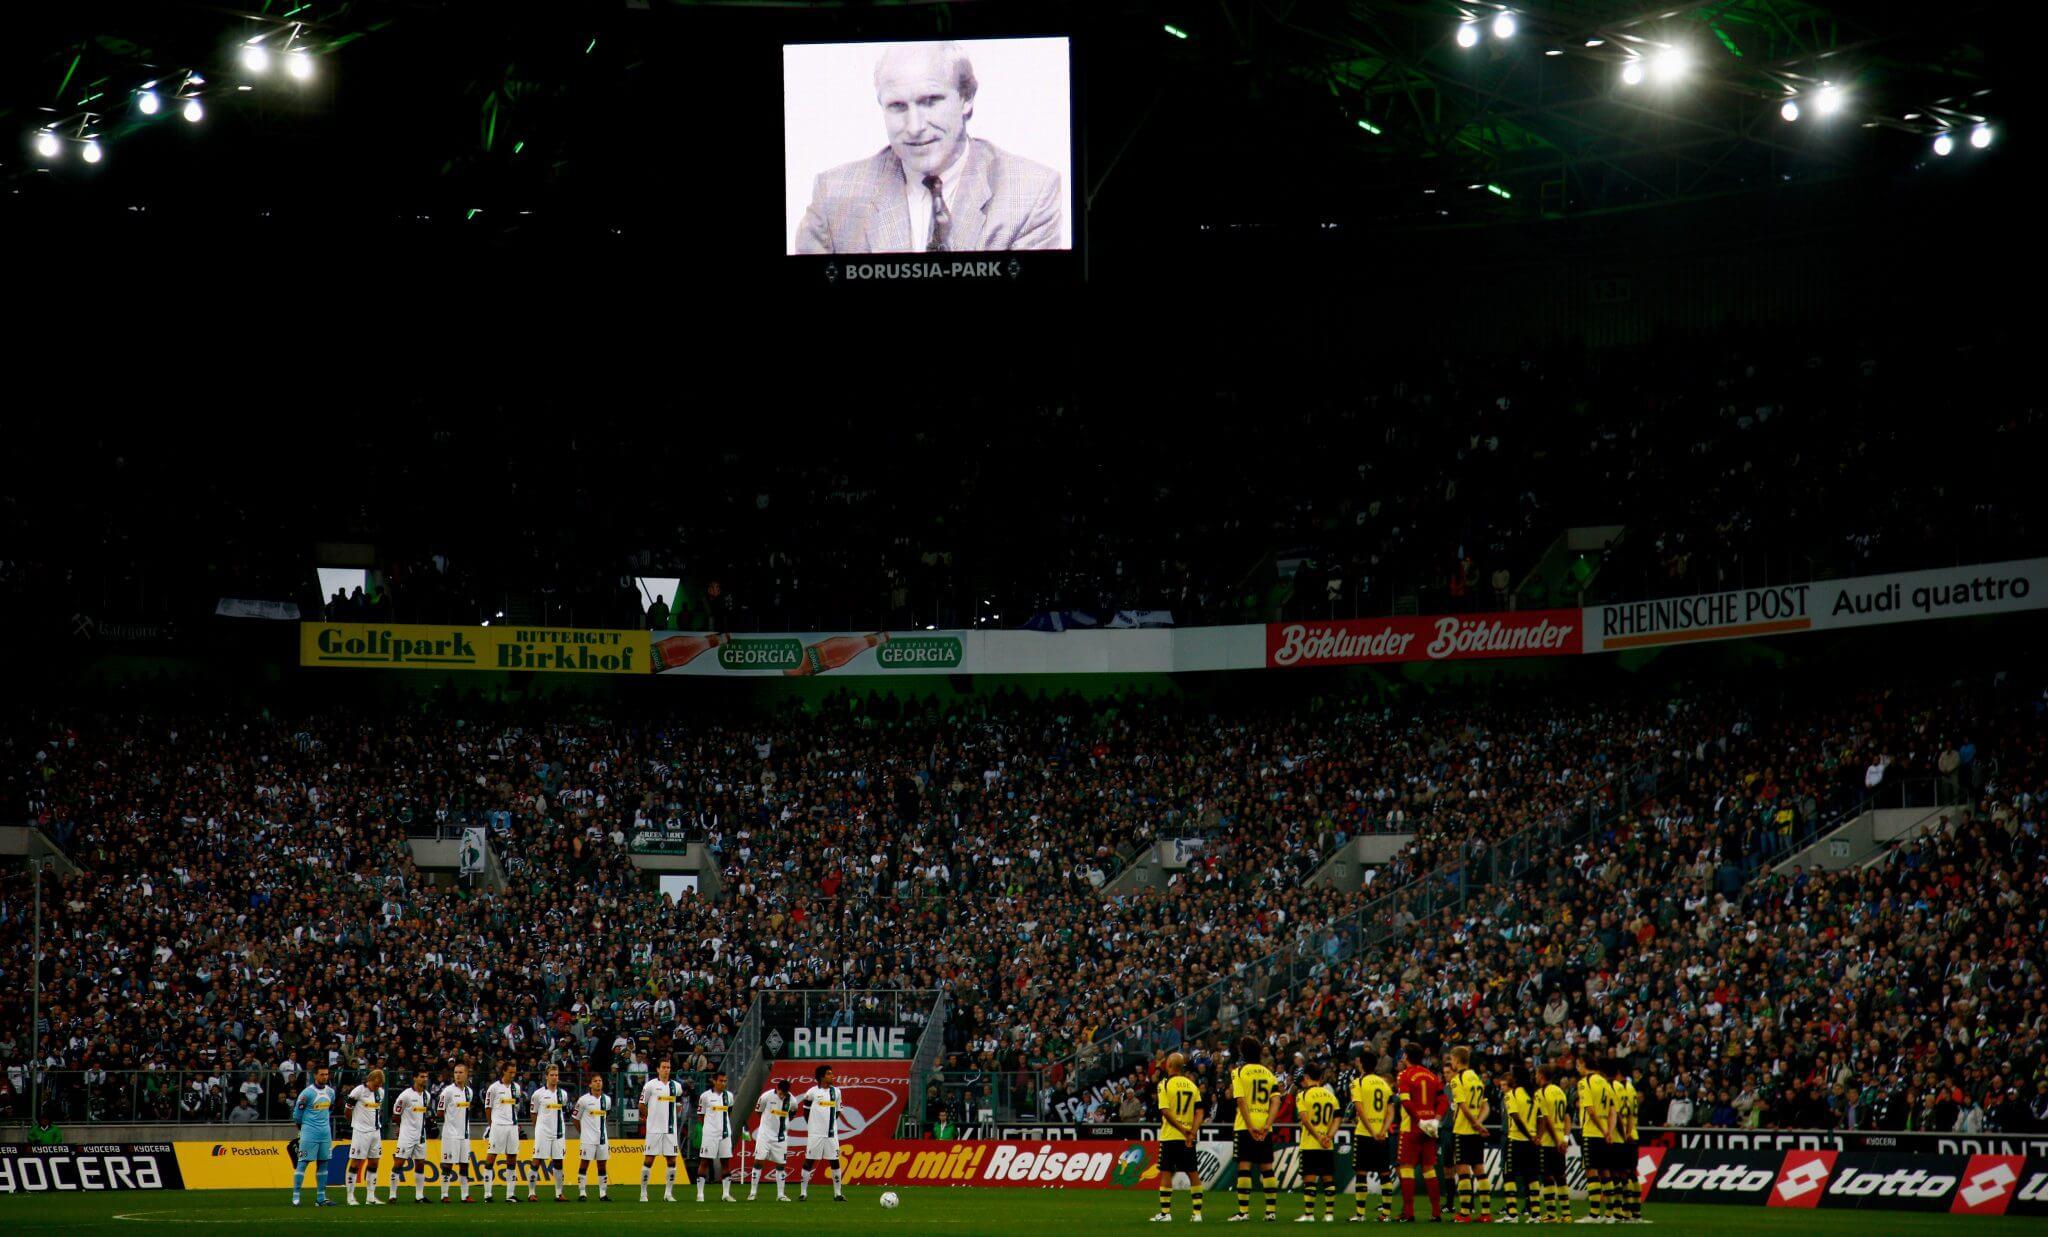 Gedenken an den verstorbenen Rolf Rüssmann. Foto: Getty Images